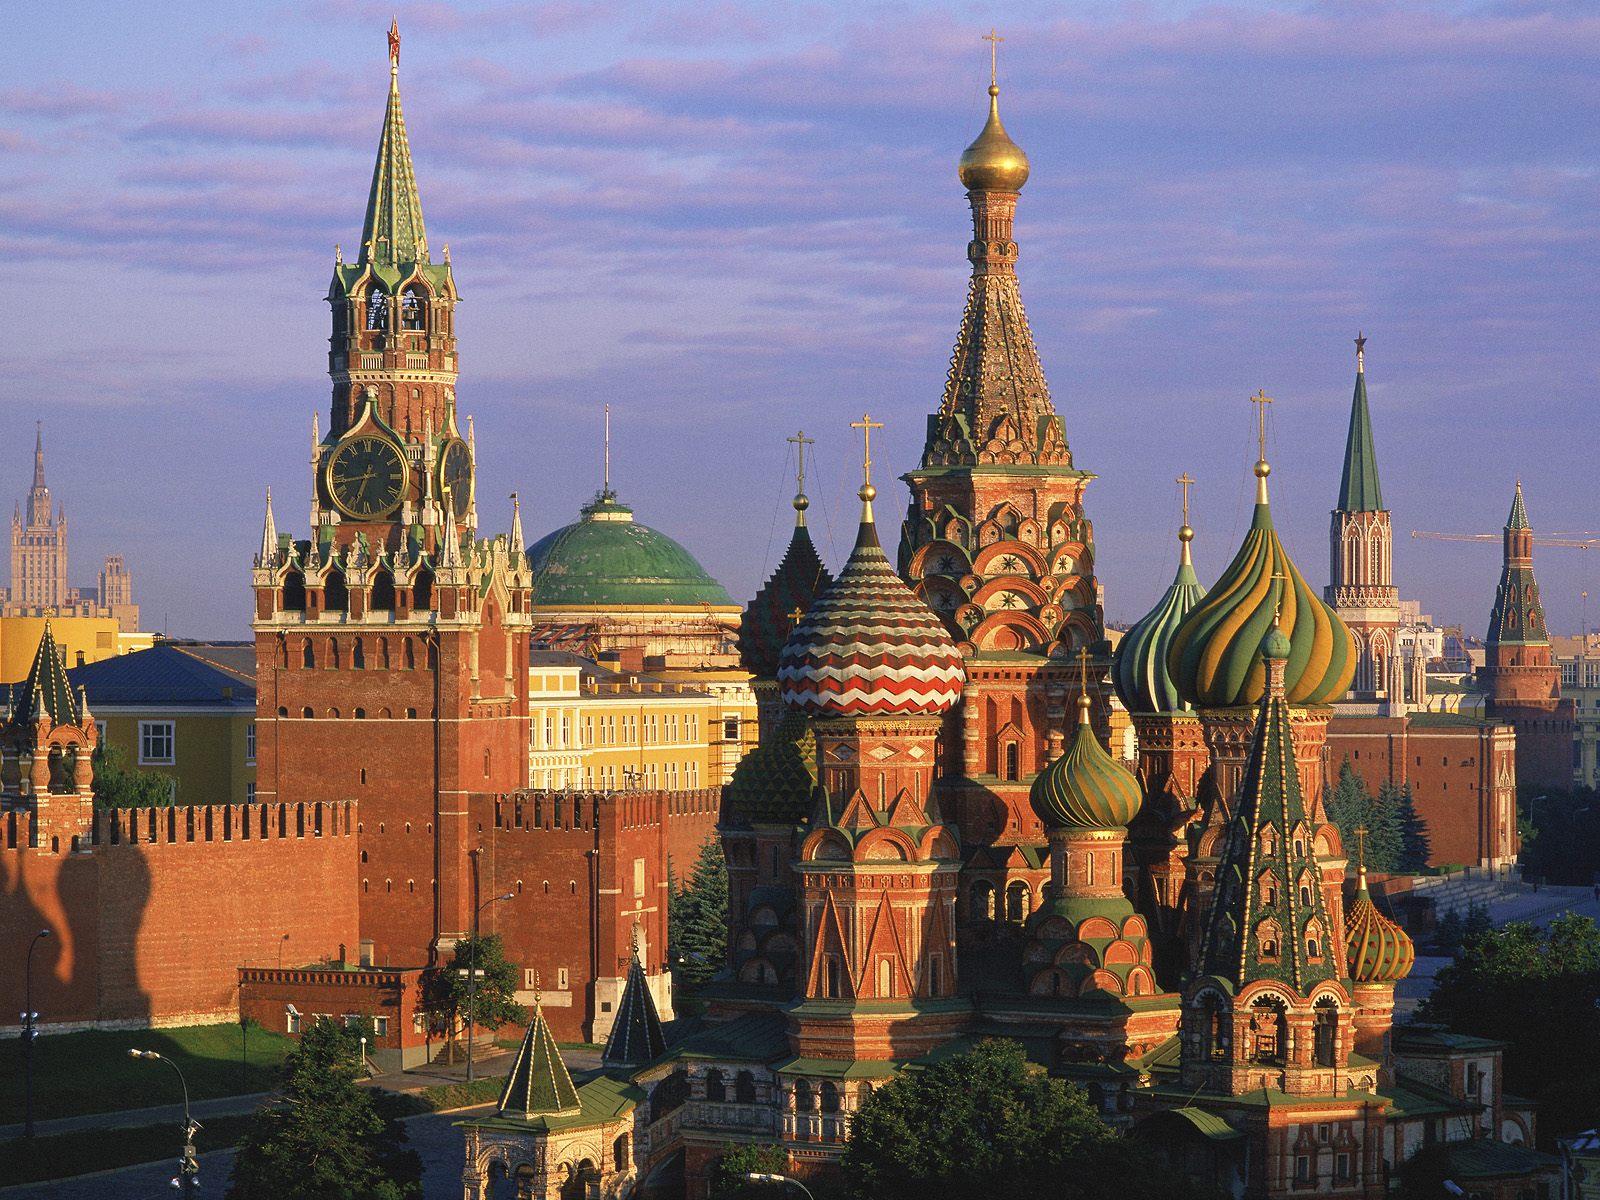 http://4.bp.blogspot.com/-dbcVNhwUS7o/TpgCKQhHsMI/AAAAAAAABCE/8Q9A3_bgGKw/s1600/Saint%2BBasils%2BCathedral%2B-Kremlin%2BPhotos.jpg